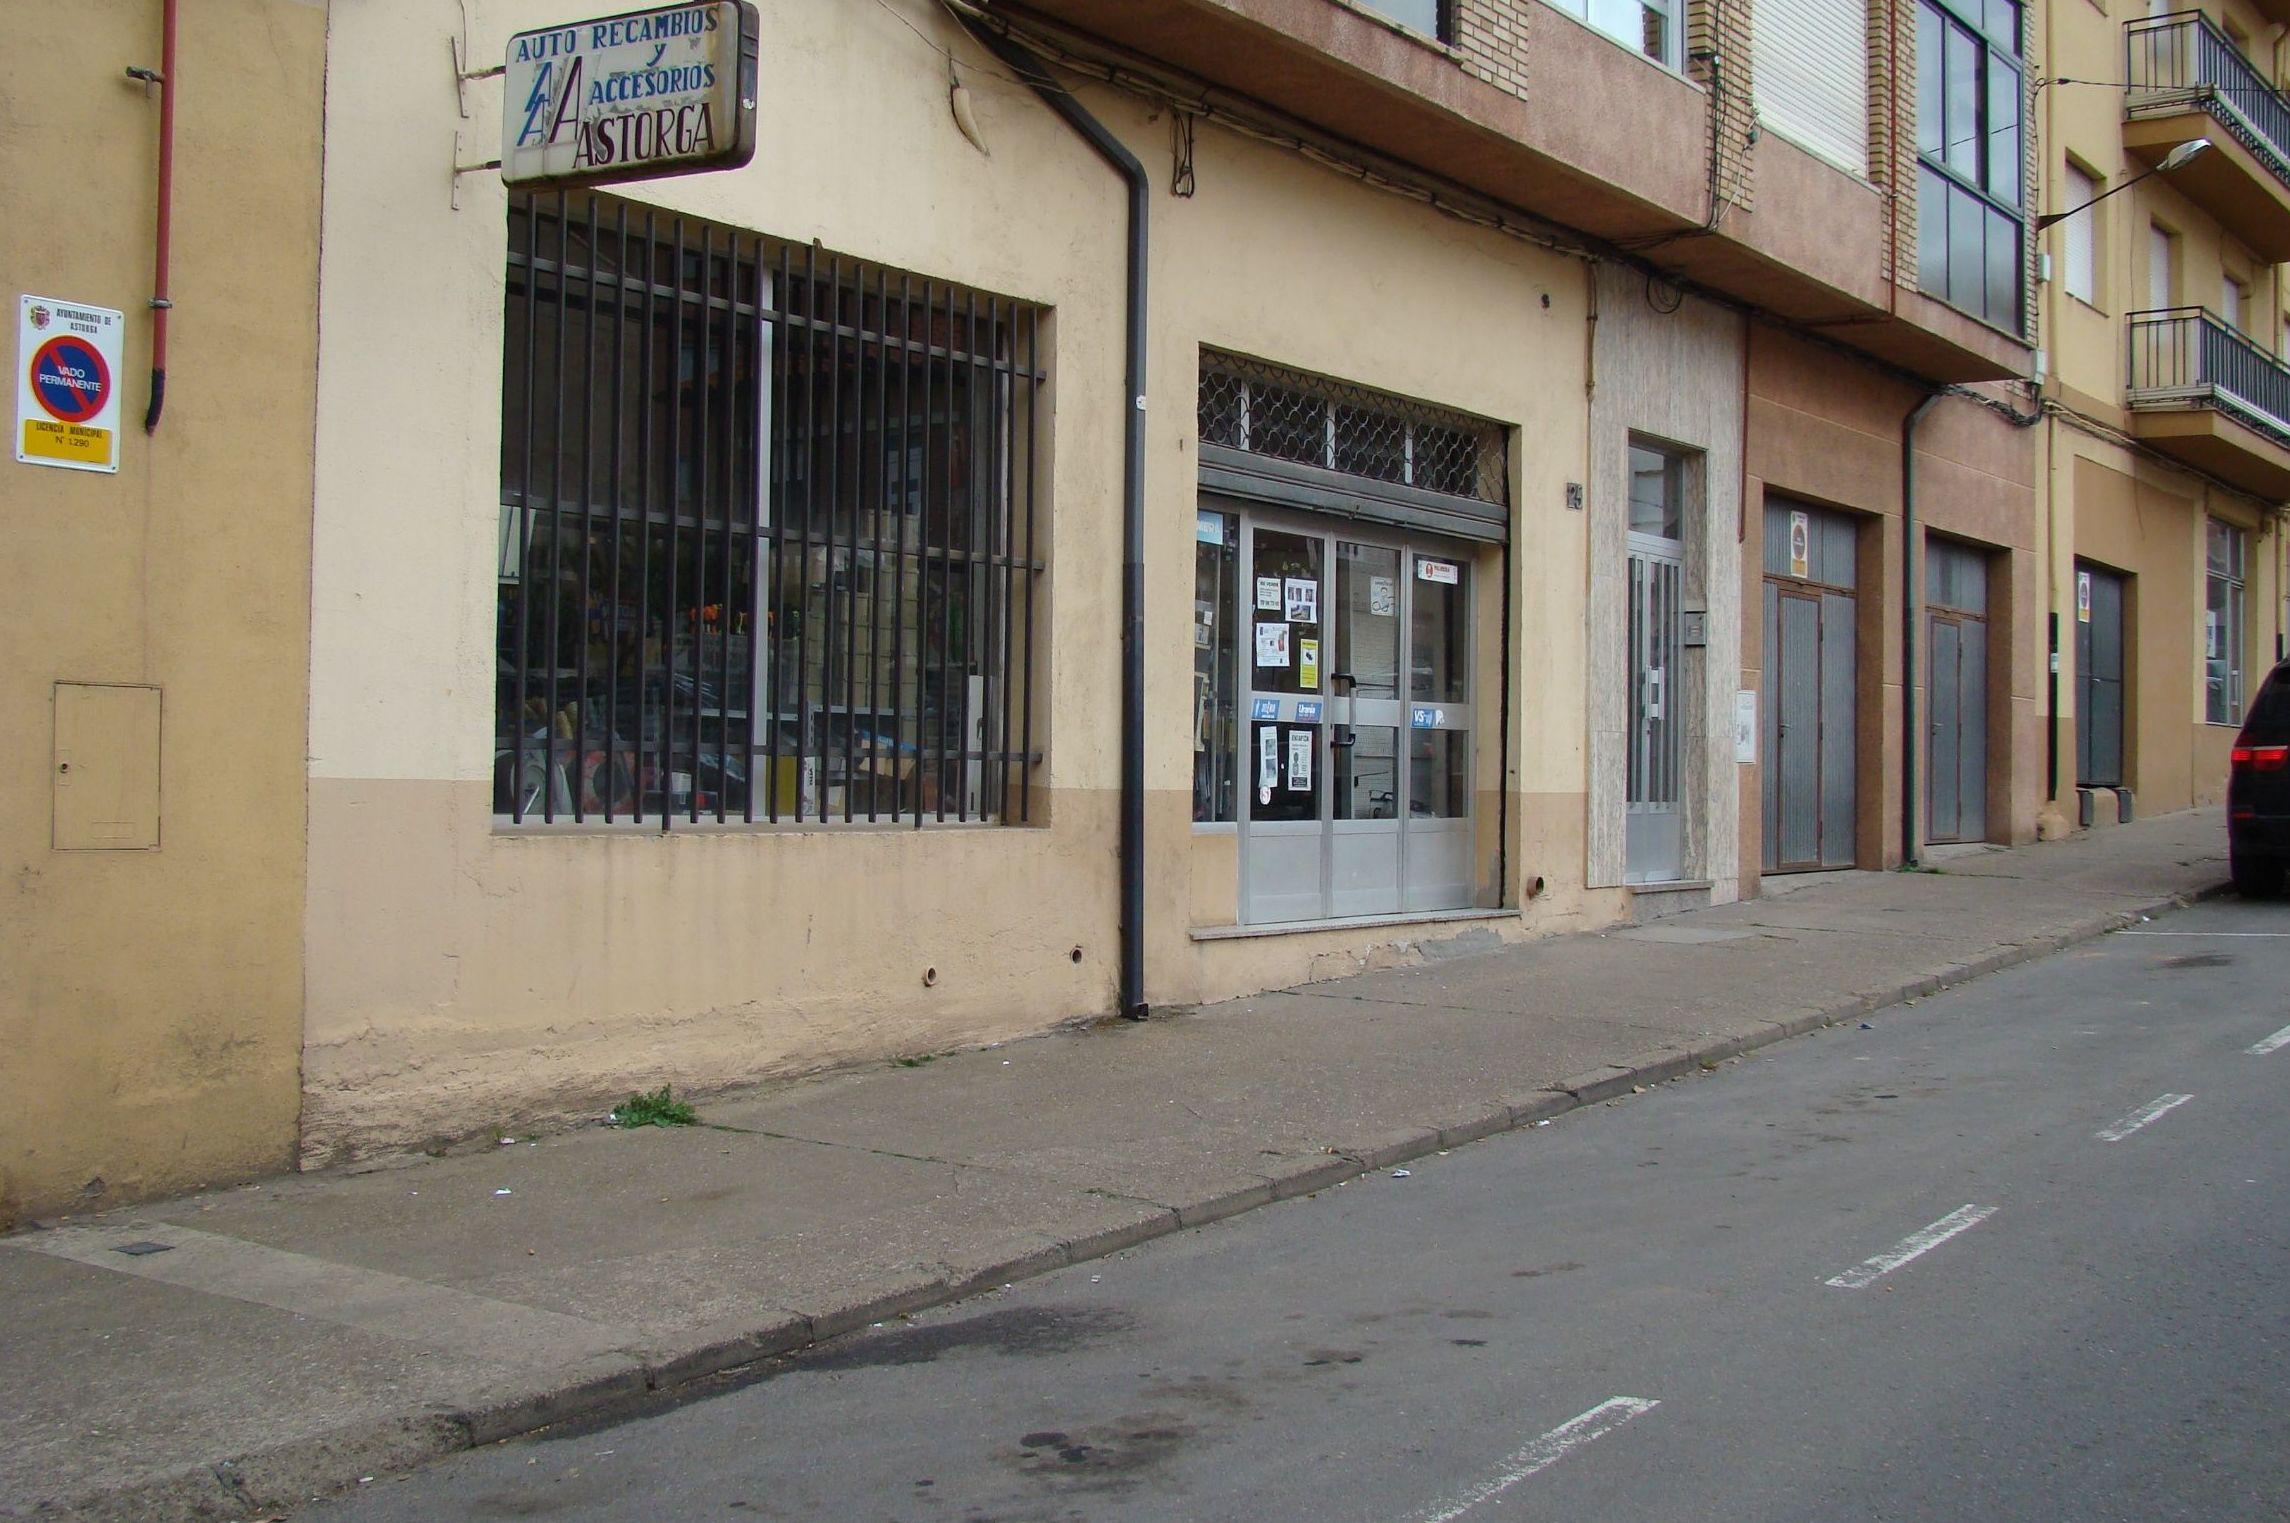 Recambios del automóvil en Astorga (León)